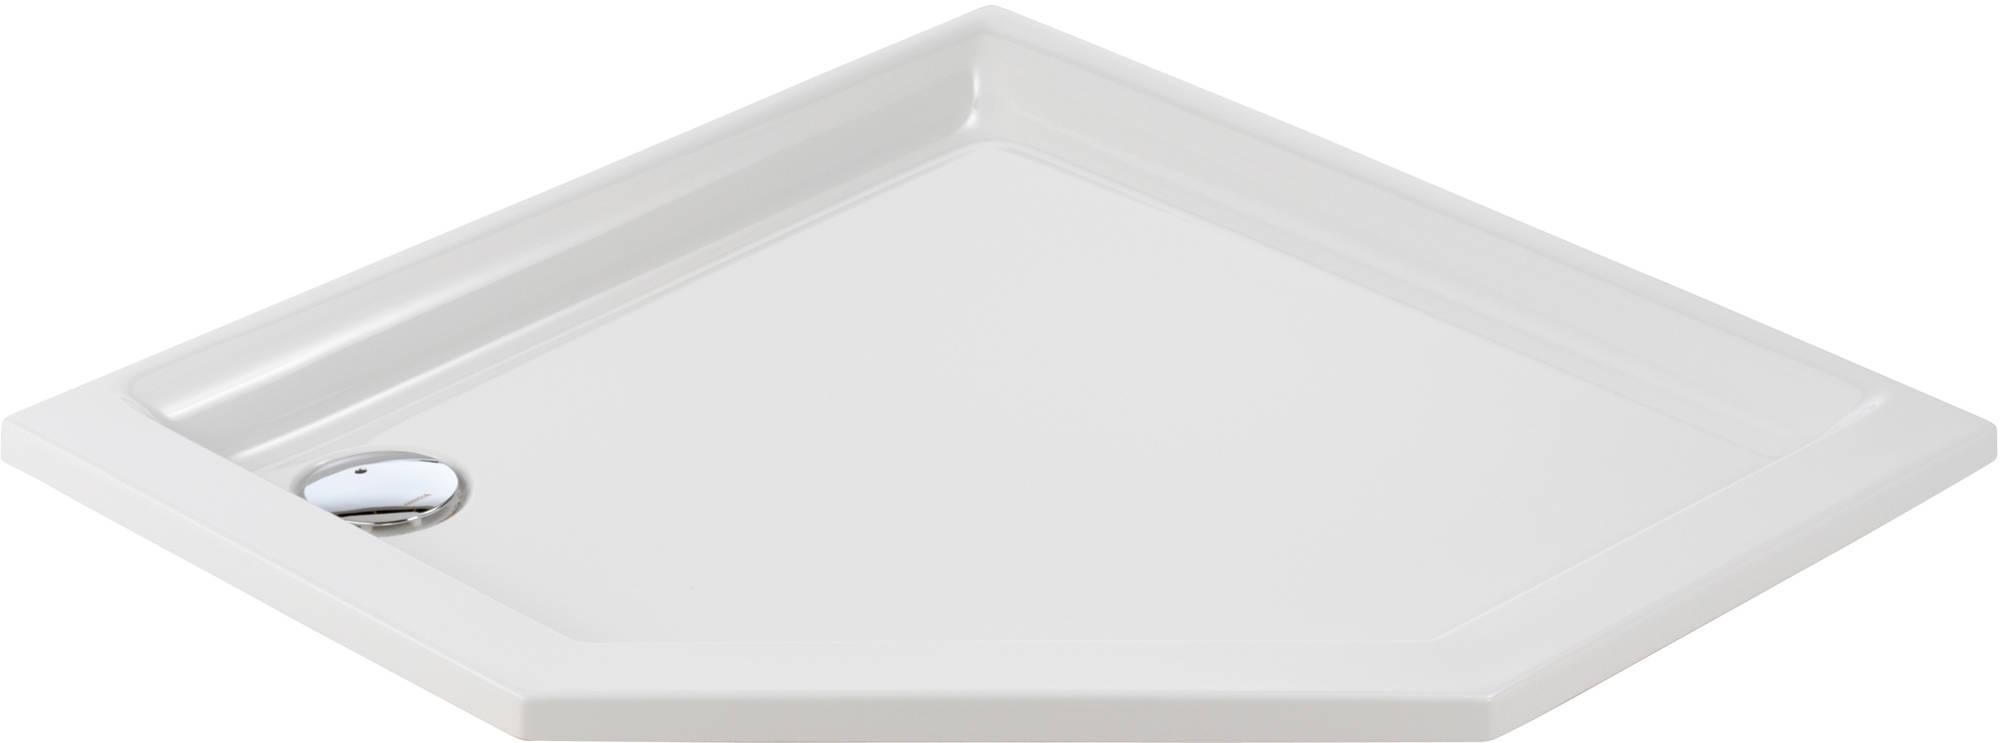 Sealskin Senso douchebak 5-hoek 90x90cm inbouw, wit